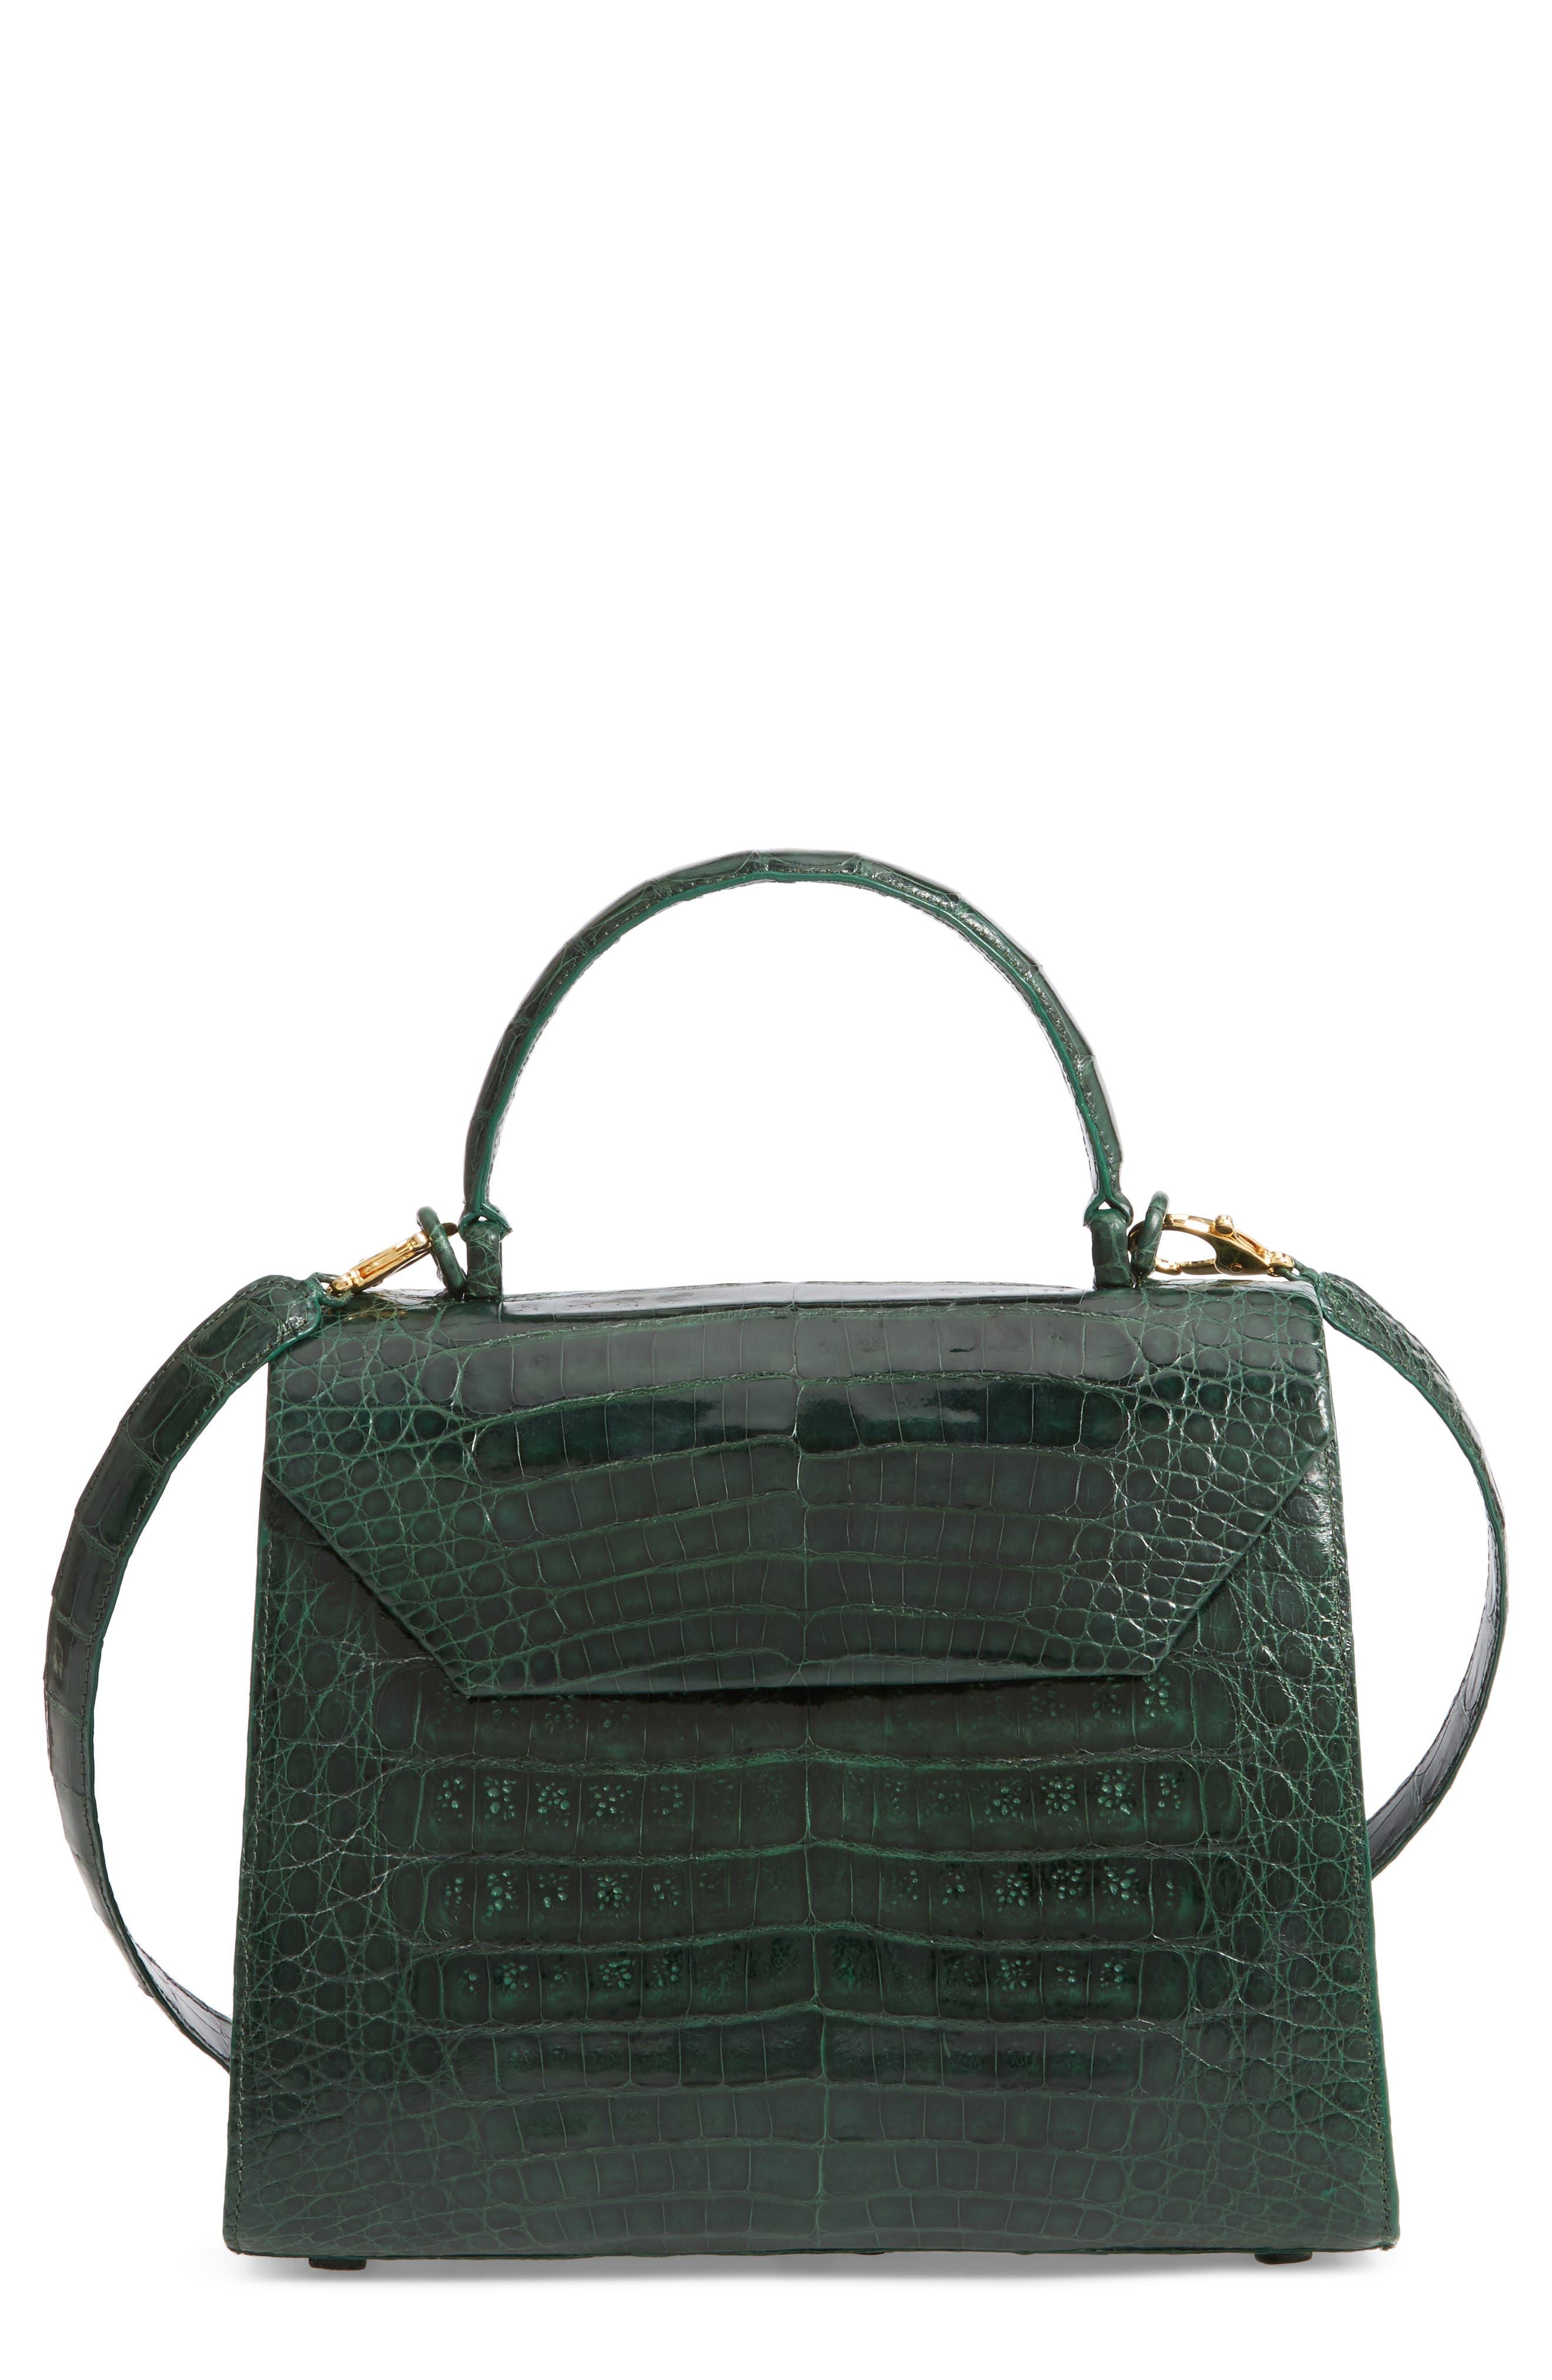 Medium Lily Genuine Crocodile Crossbody Bag - Green in Kelly Green Shiny